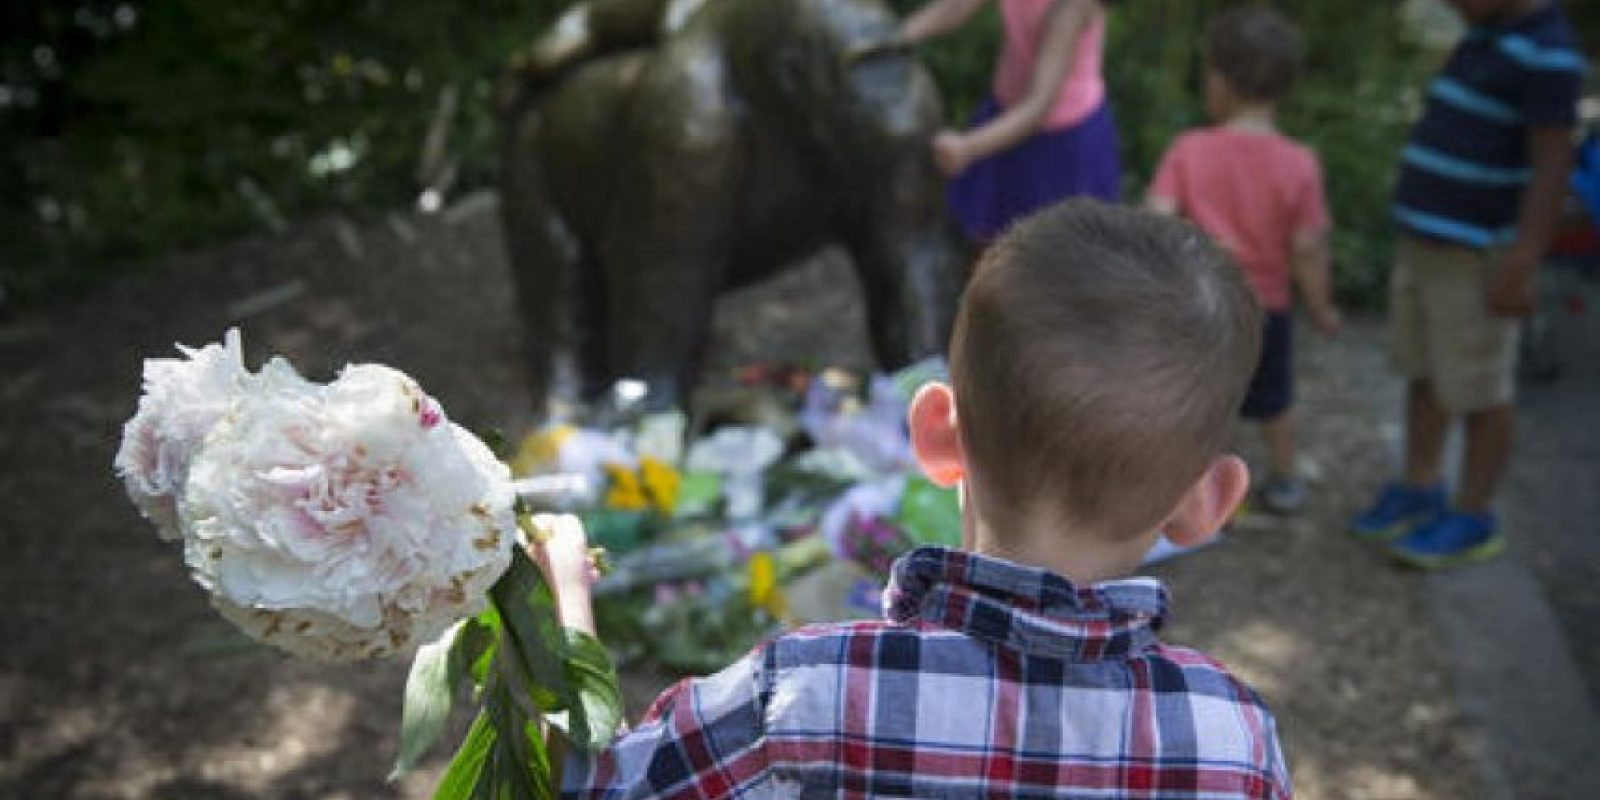 Ya que un dardo tranquilizante no hubiera surtido efecto de inmediato y peligraba la vida del niño Foto:AP